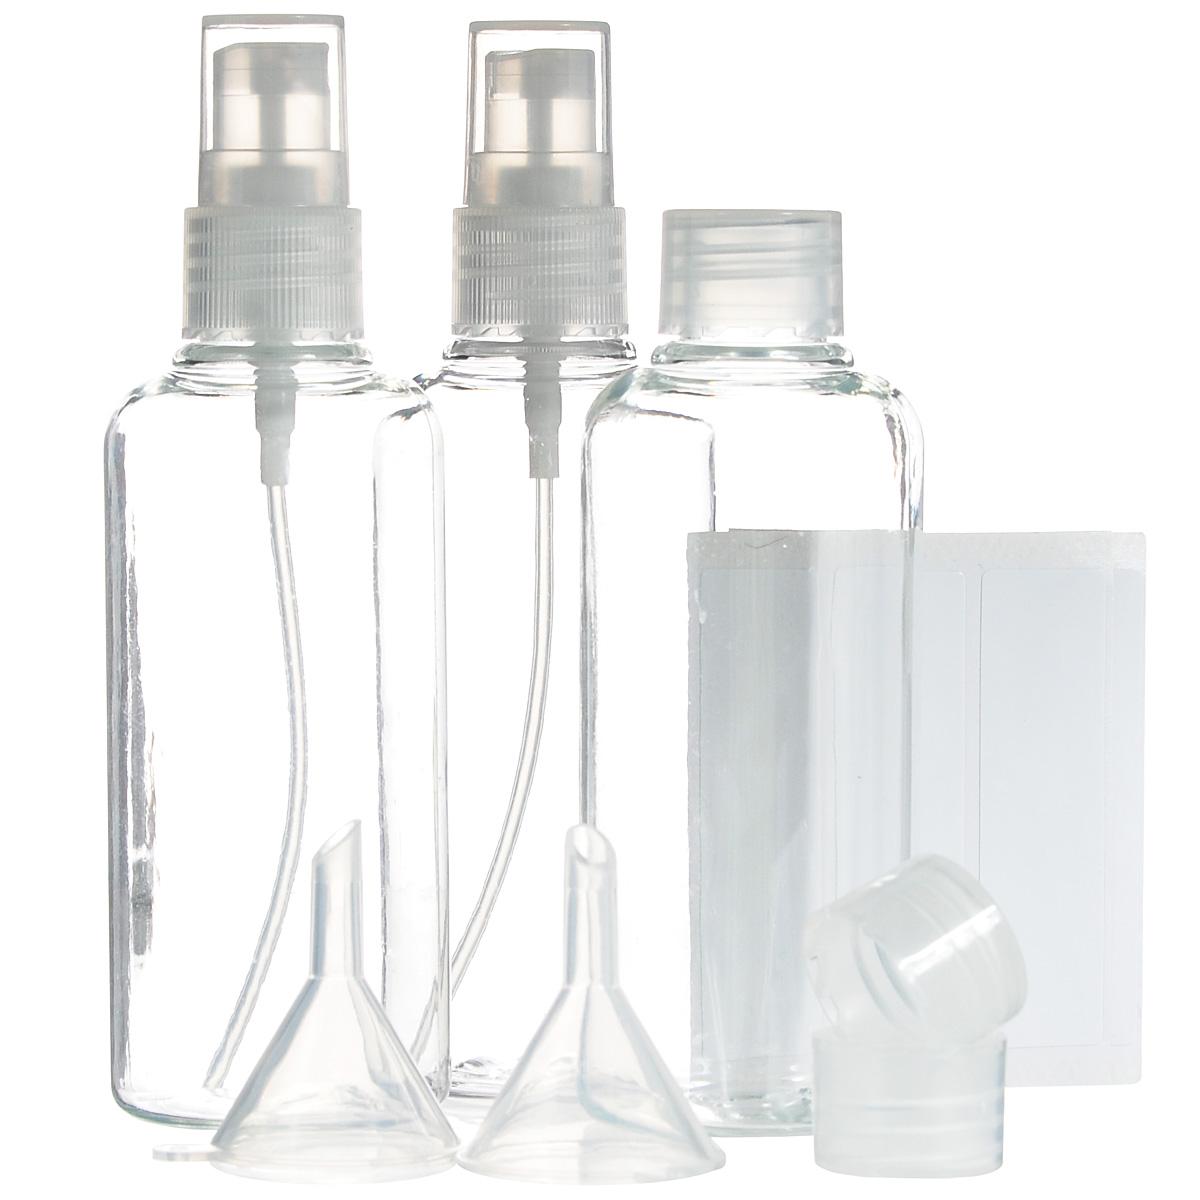 Набор контейнеров для жидкостей JustinCase, с аксессуарами, 12 предметовG5043Набор JustinCase состоит из 3 контейнеров, 2 крышек-диспансеров и 2 воронок. Контейнеры, изготовленные из пластика, прекрасно подойдут для жидких средств по уходу за телом и волосами (шампунь, кондиционер, гель для душа, массажное масло), которые вы хотите взять в дорогу. Все контейнеры можно использовать много раз. В комплекте такого дорожного набора - 5 упаковок наклеек для подписи содержимого контейнеров. Все предметы набора расположены в удобной пластиковой сумочке-чехле на змейке. Высота стенок контейнера: 9 см. Диаметр горлышка контейнера: 1,5 см.